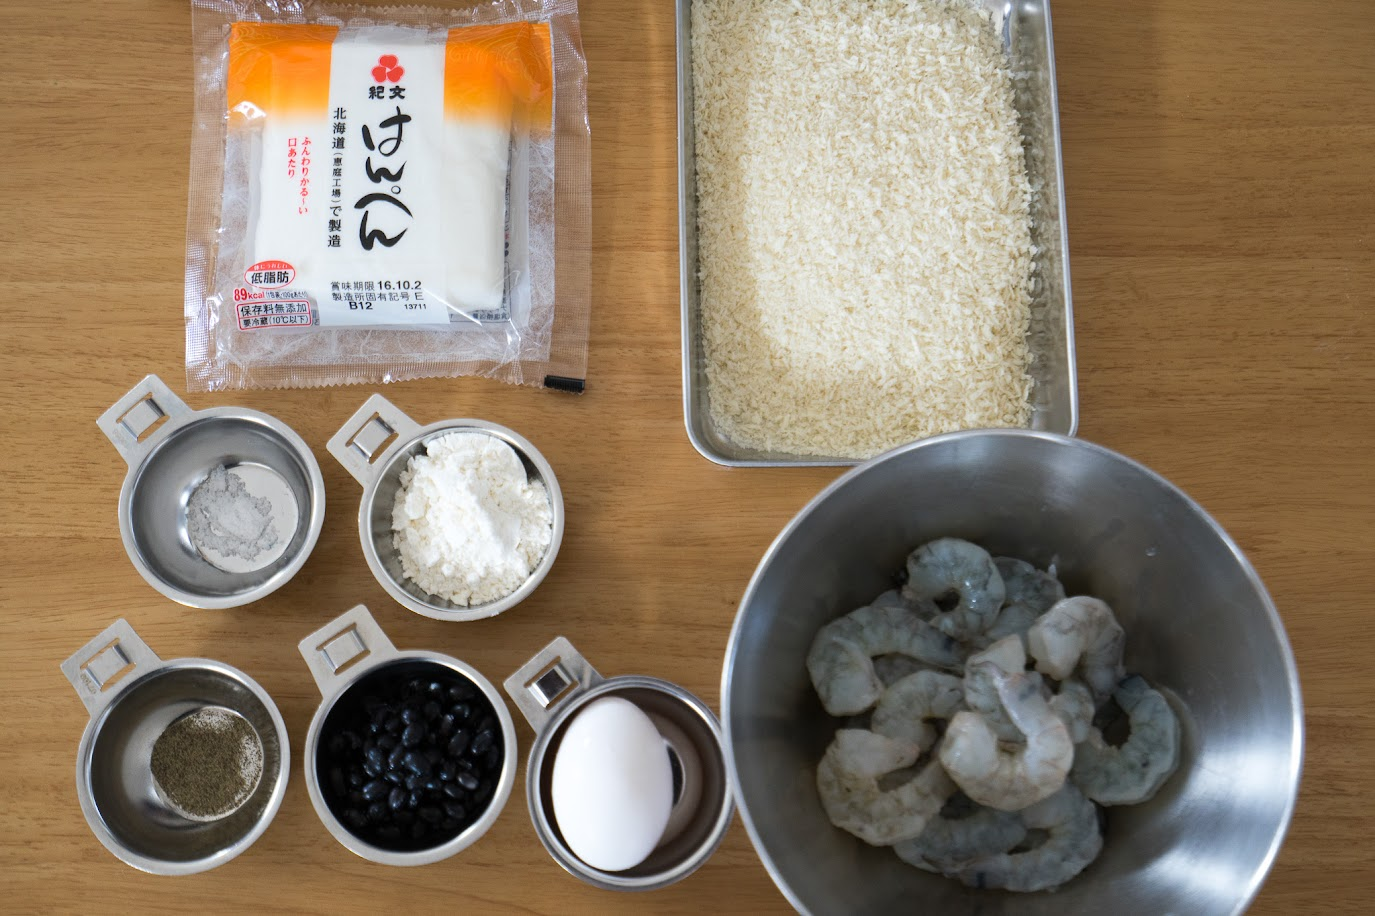 黒千石レシピ:黒千石入りエビカツ・材料